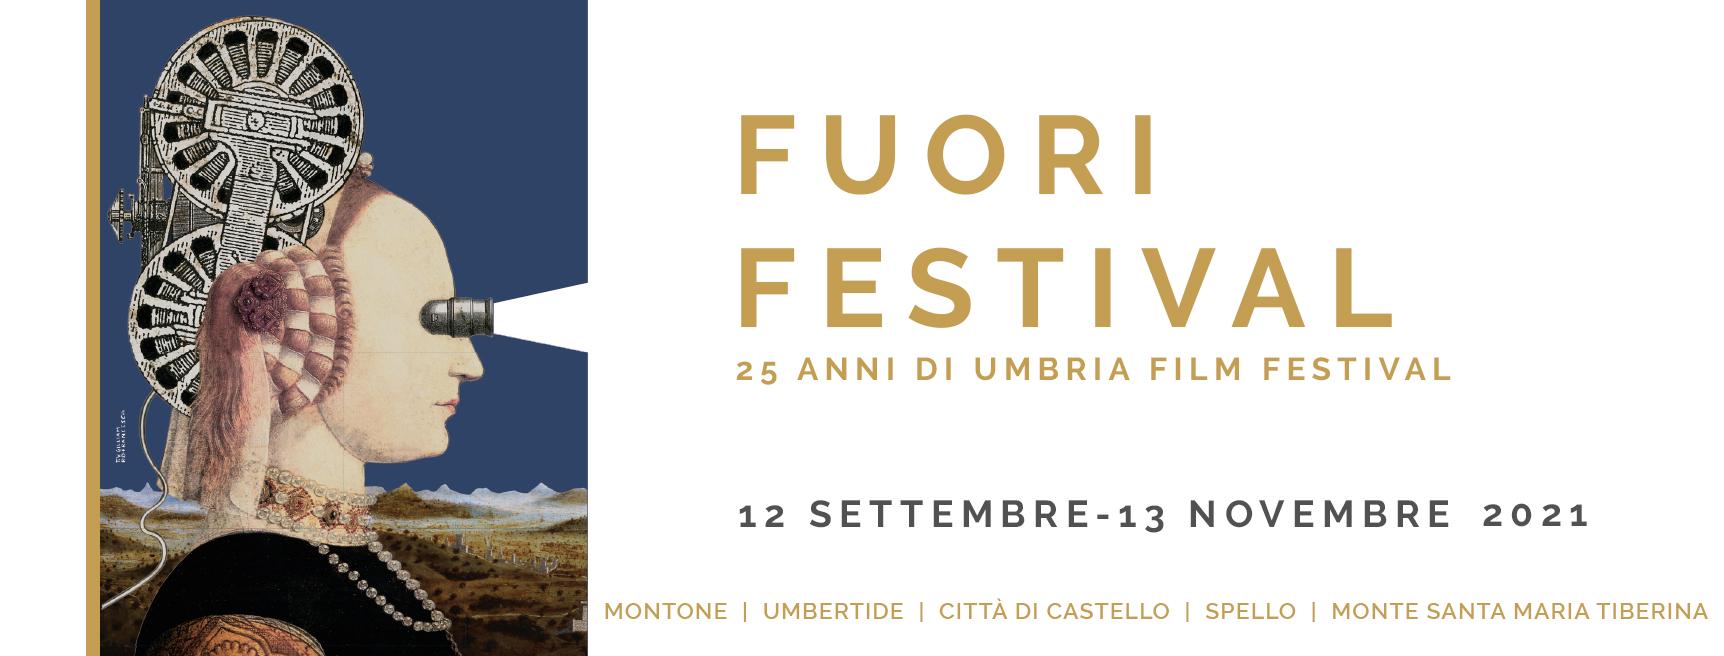 25 anni di Umbria Film Festival -  Prosegue il progetto Fuori Festival